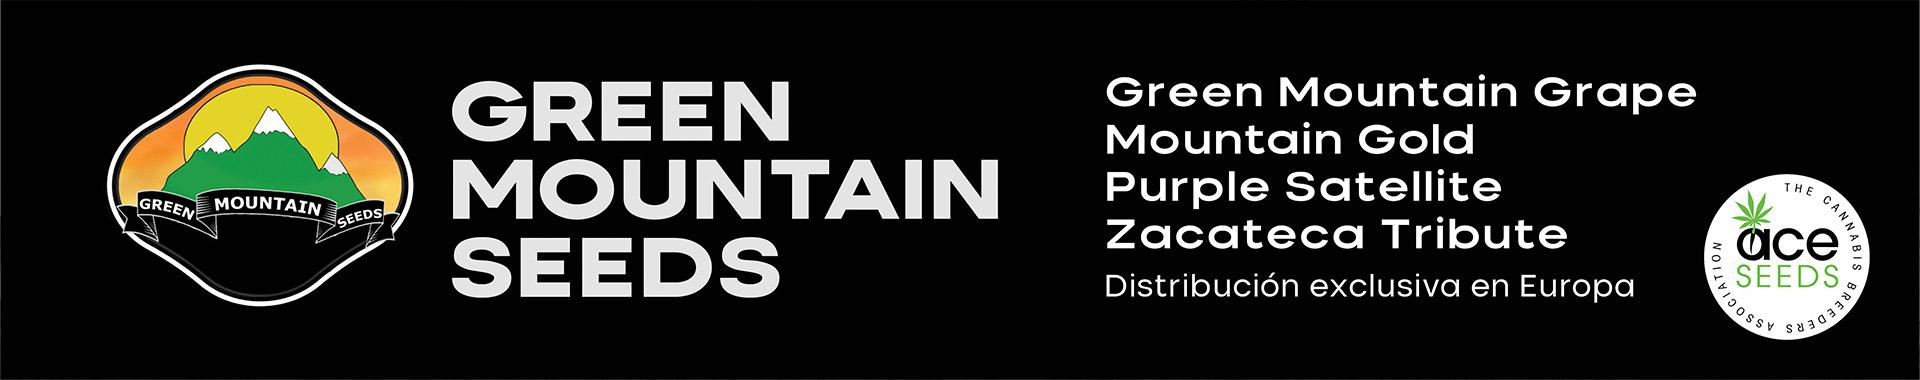 Nuevos híbridos Haze